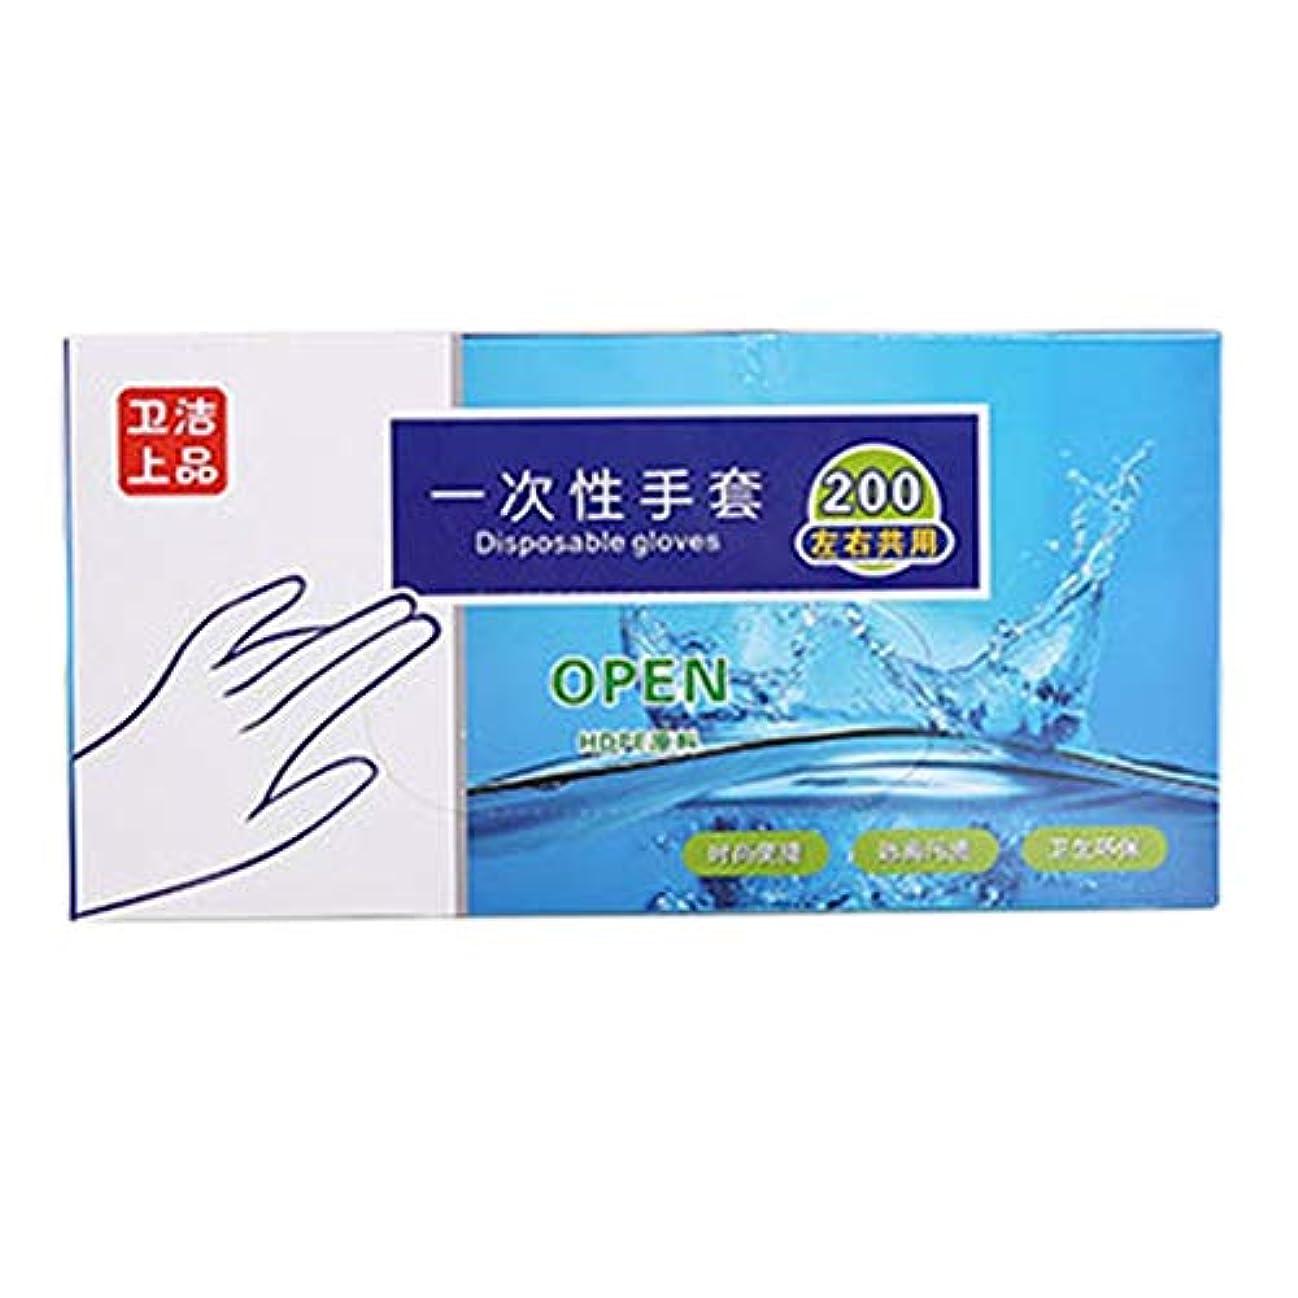 全員イディオム鷹Moresave 200枚 使い捨て手袋 使いきり手袋 キッチン 掃除用具 防水防油 透明 厚手